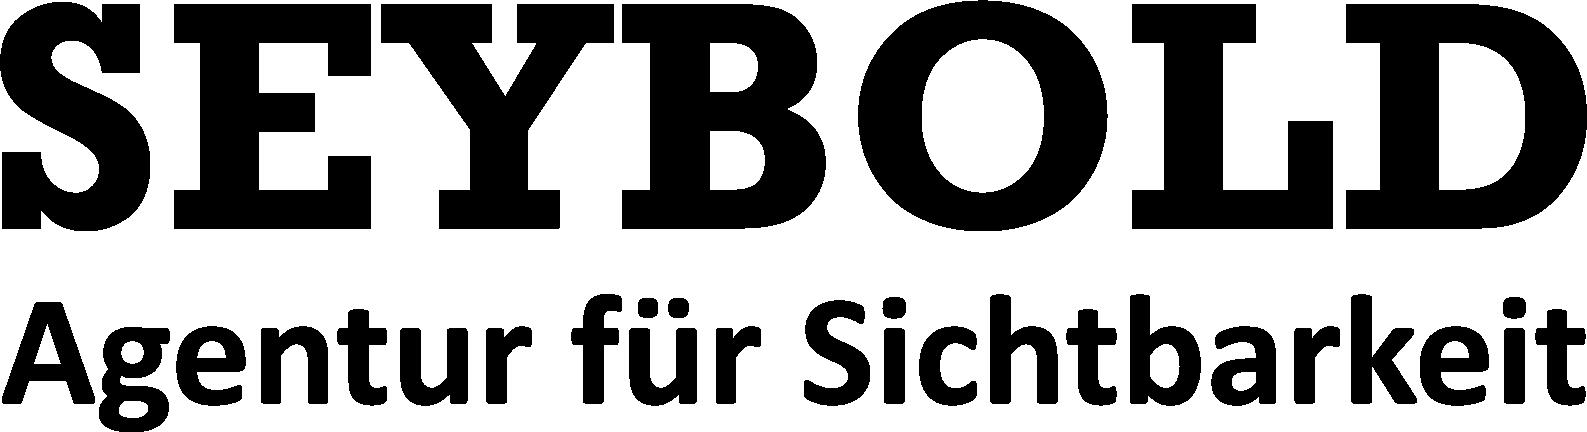 SEYBOLD - Schorndorfer Werbeagentur für Sichtbarkeit und SEO